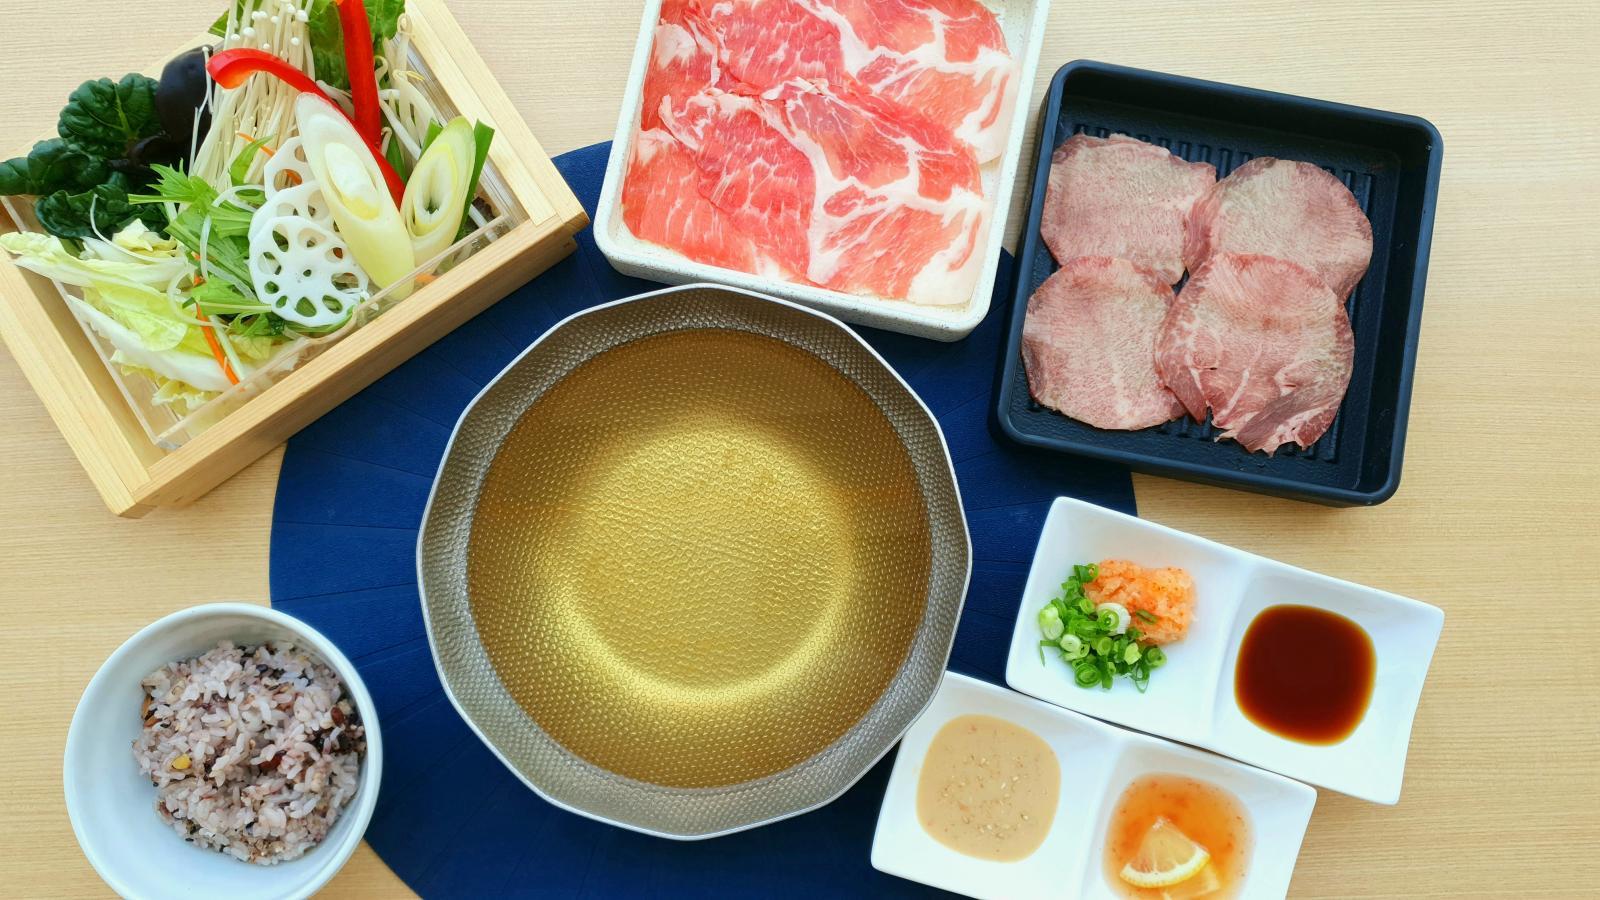 【平日限定ランチ】デザート付き♪お肉2皿(牛たん・三元豚)セットのイメージ